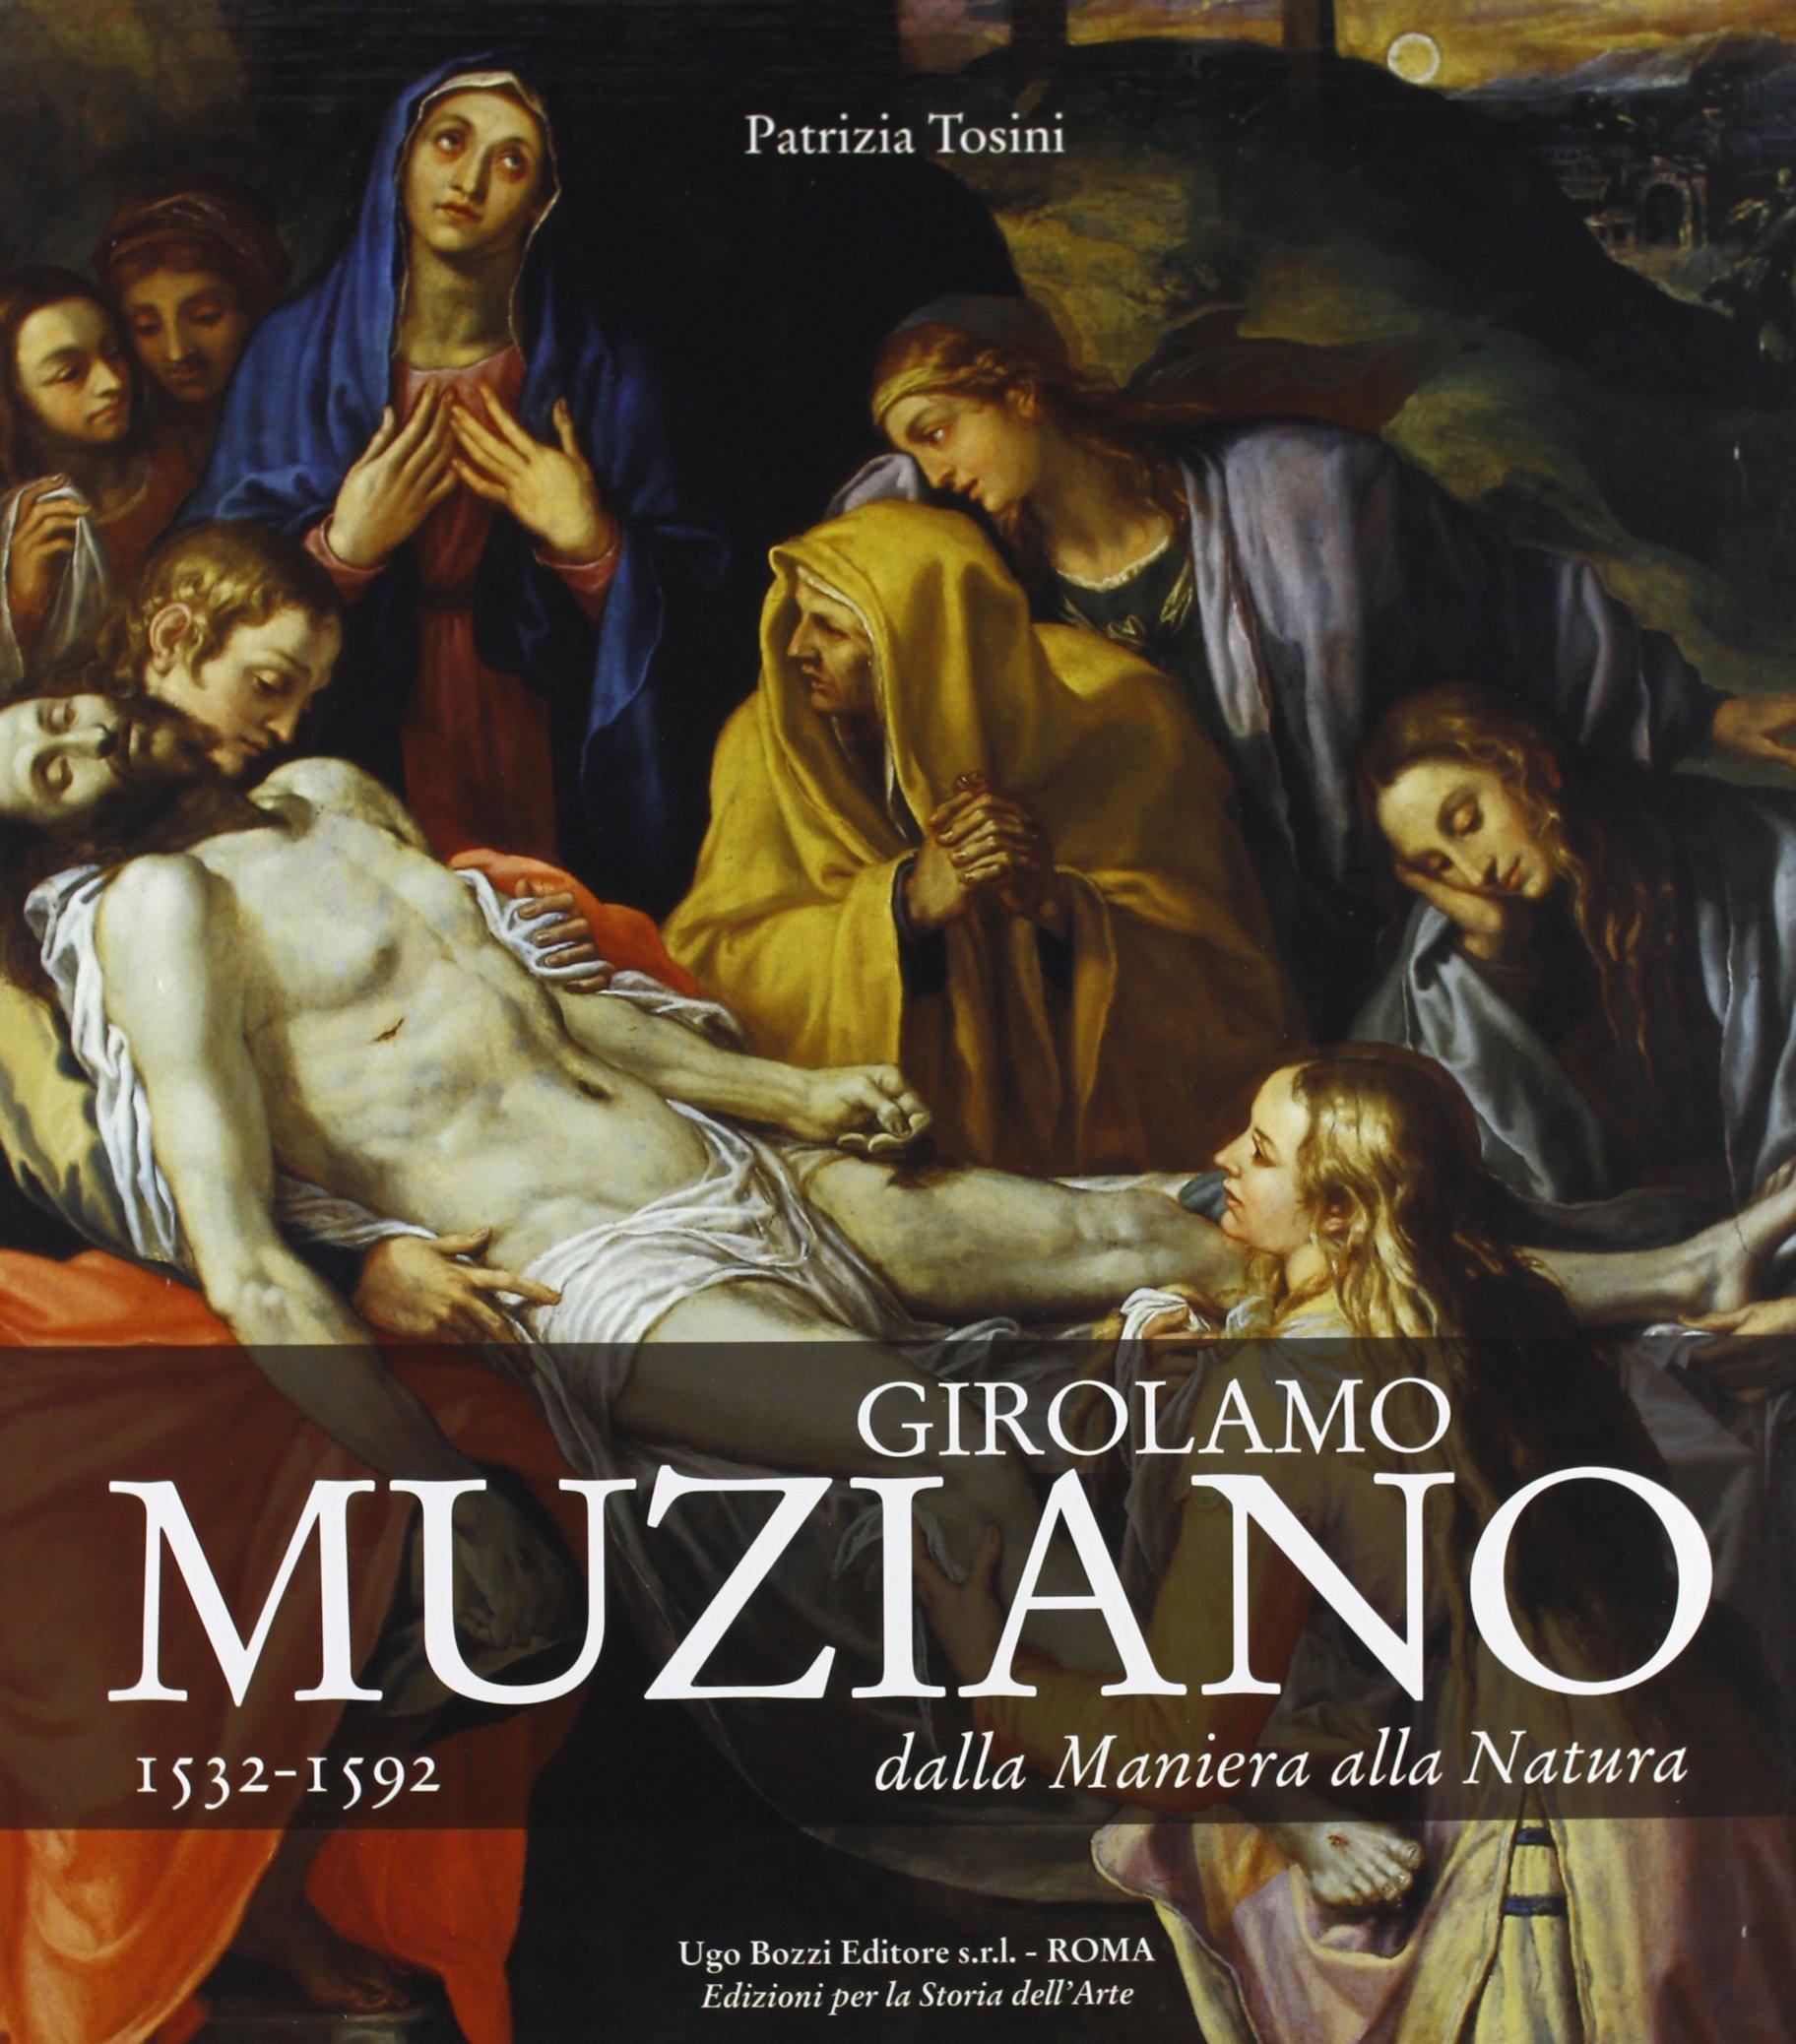 Girolamo Muziano 1532-1592. Dalla Maniera alla Natura